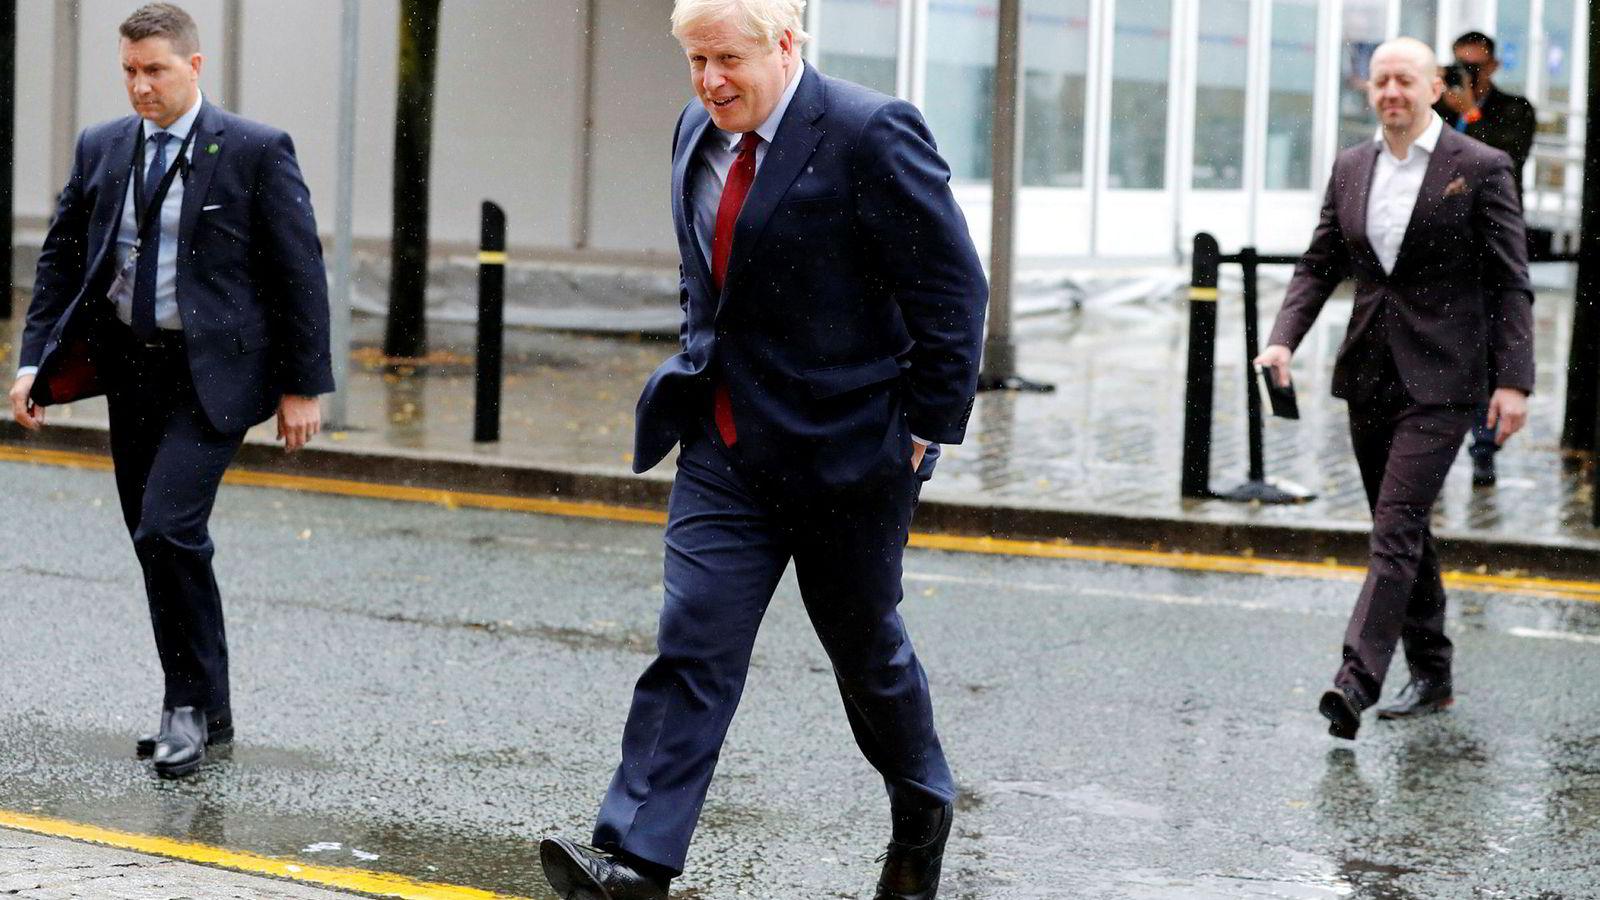 Storbritannias statsminister Boris Johnson la onsdag frem sitt forslag til en ordning som kan erstatte den såkalte backstop-løsningen for irskegrensen.